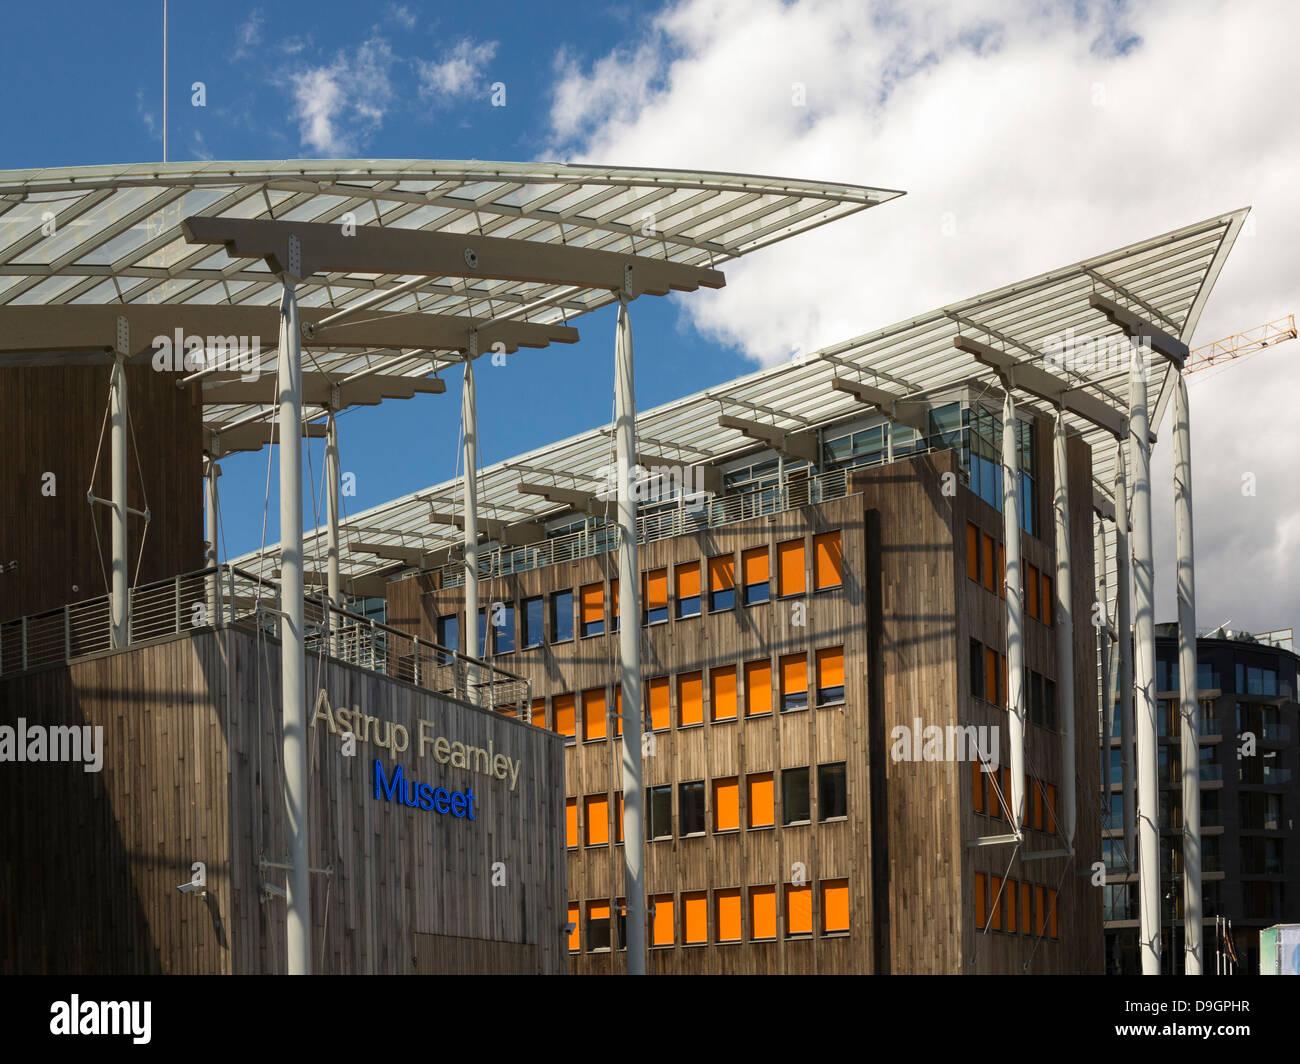 Astrup Fearnley Museet, Museo de Arte Moderno de Oslo, Noruega, Europa - Arquitectura moderna Imagen De Stock